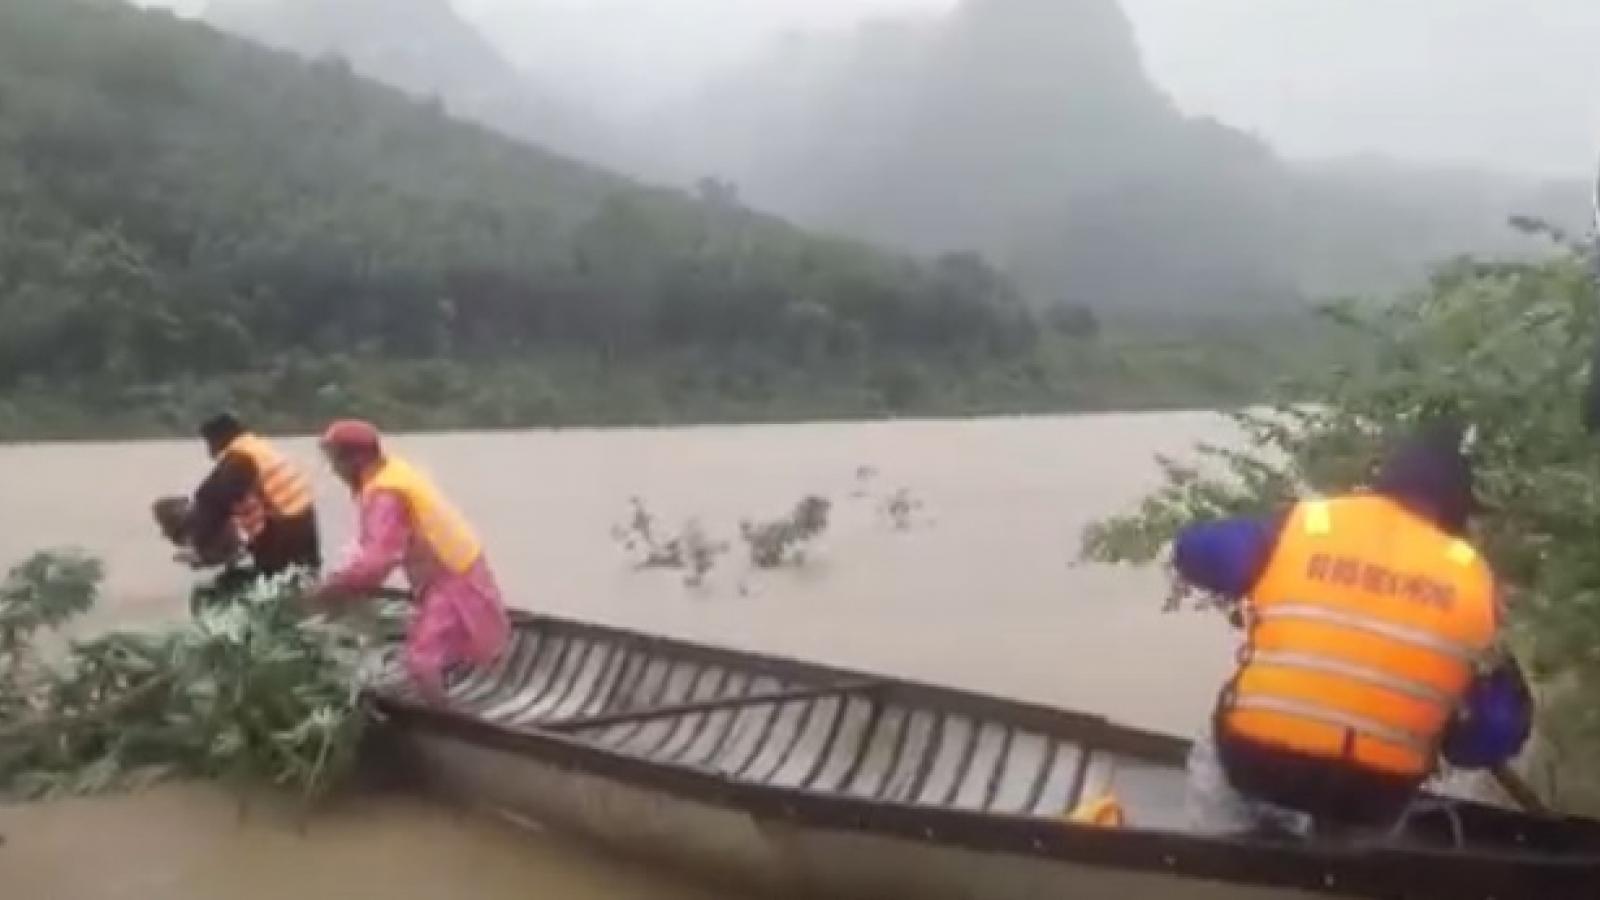 Bộ đội Biên phòng Quảng Bình vượt lũ giúp nhân dân biên giới di dời người và tài sản